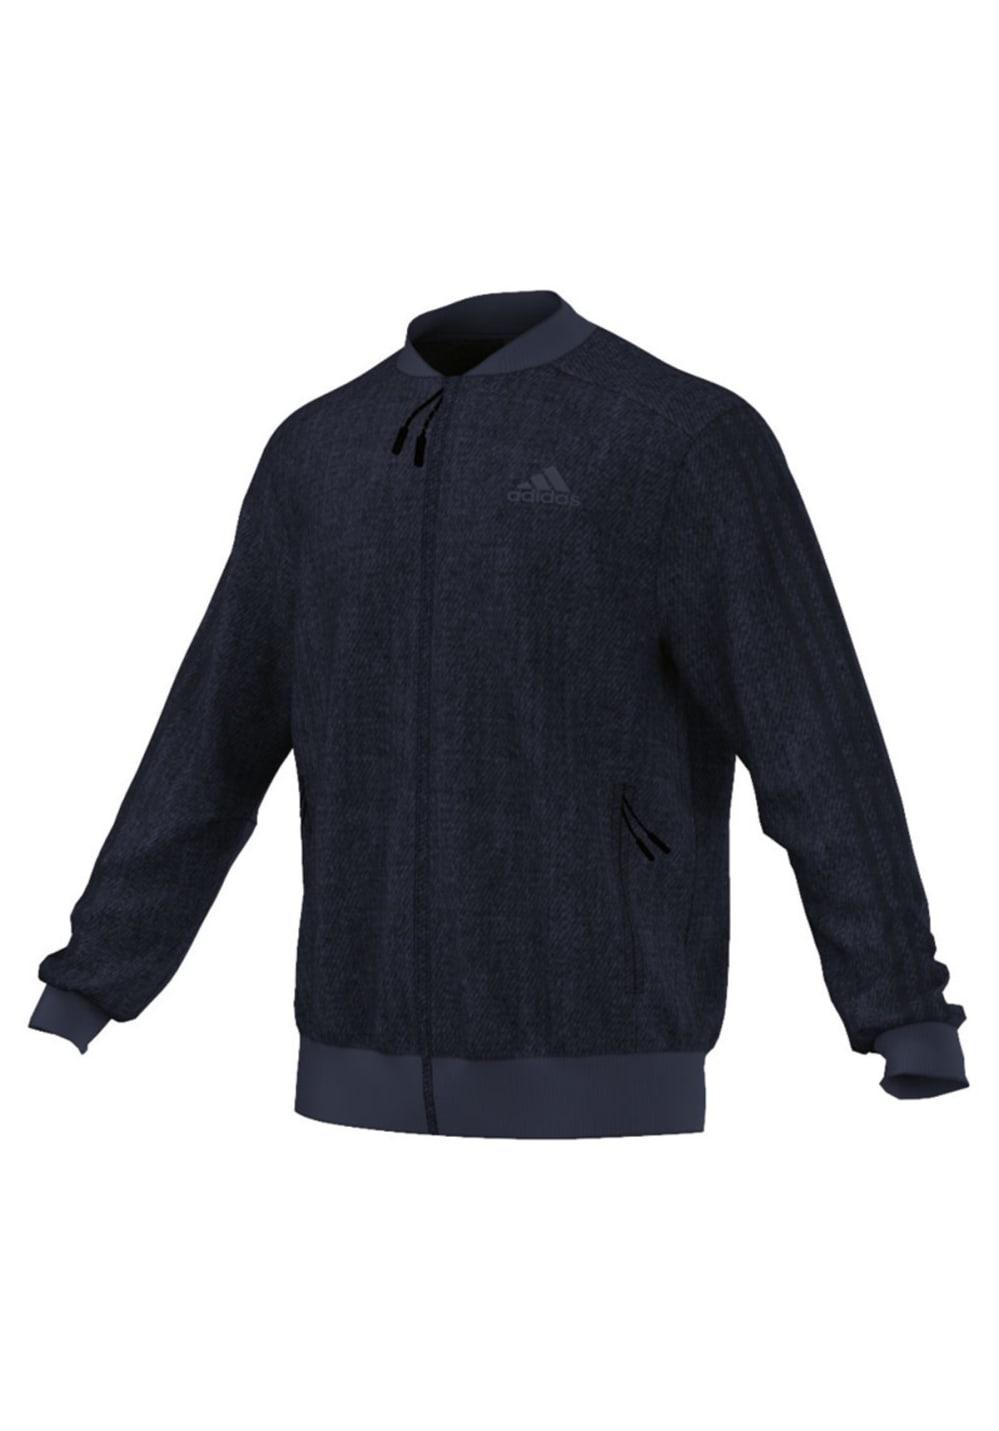 adidas ID Denim Twill Sports Jacket - Sweatshirts & Hoodies für Herren - Schwar